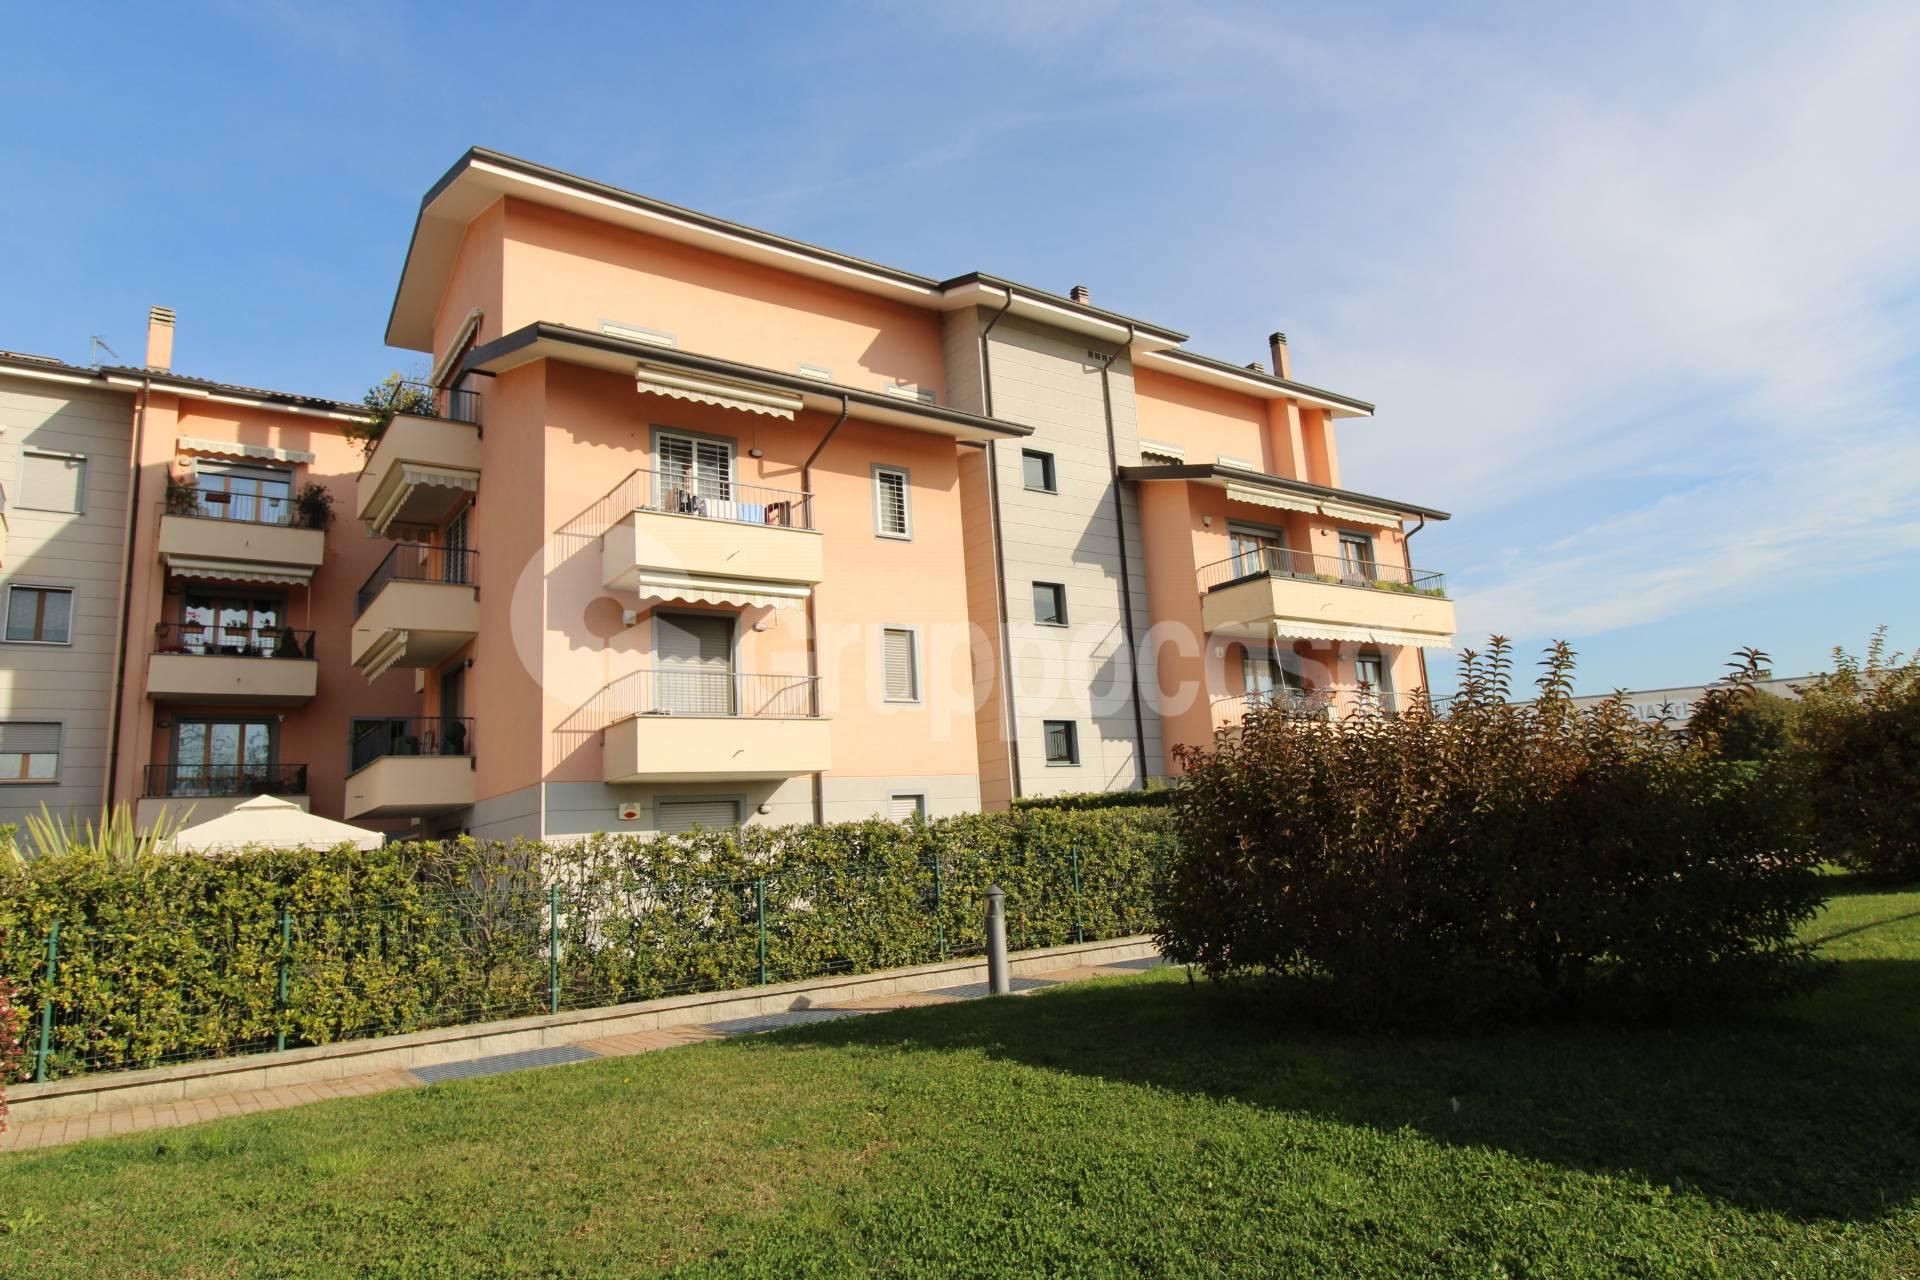 Appartamento in vendita a Arese, 1 locali, prezzo € 180.000 | CambioCasa.it